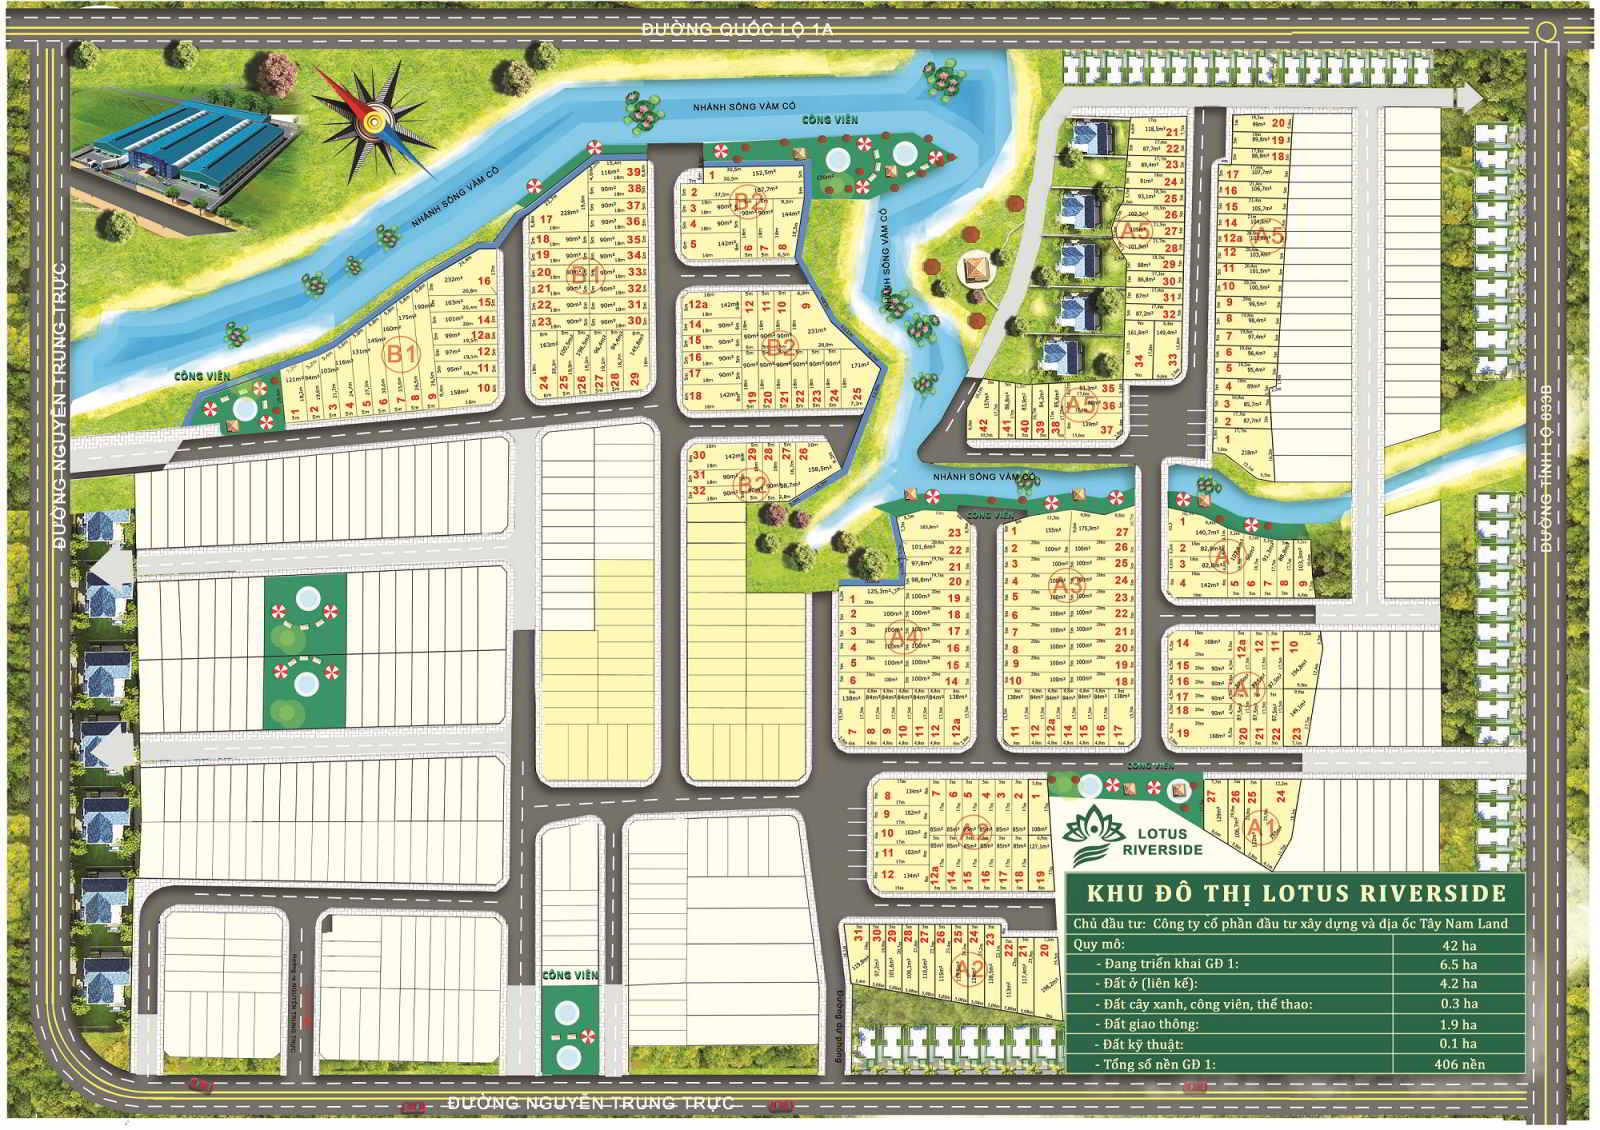 Sơ đồ phân lô dự án Lotus Riverside